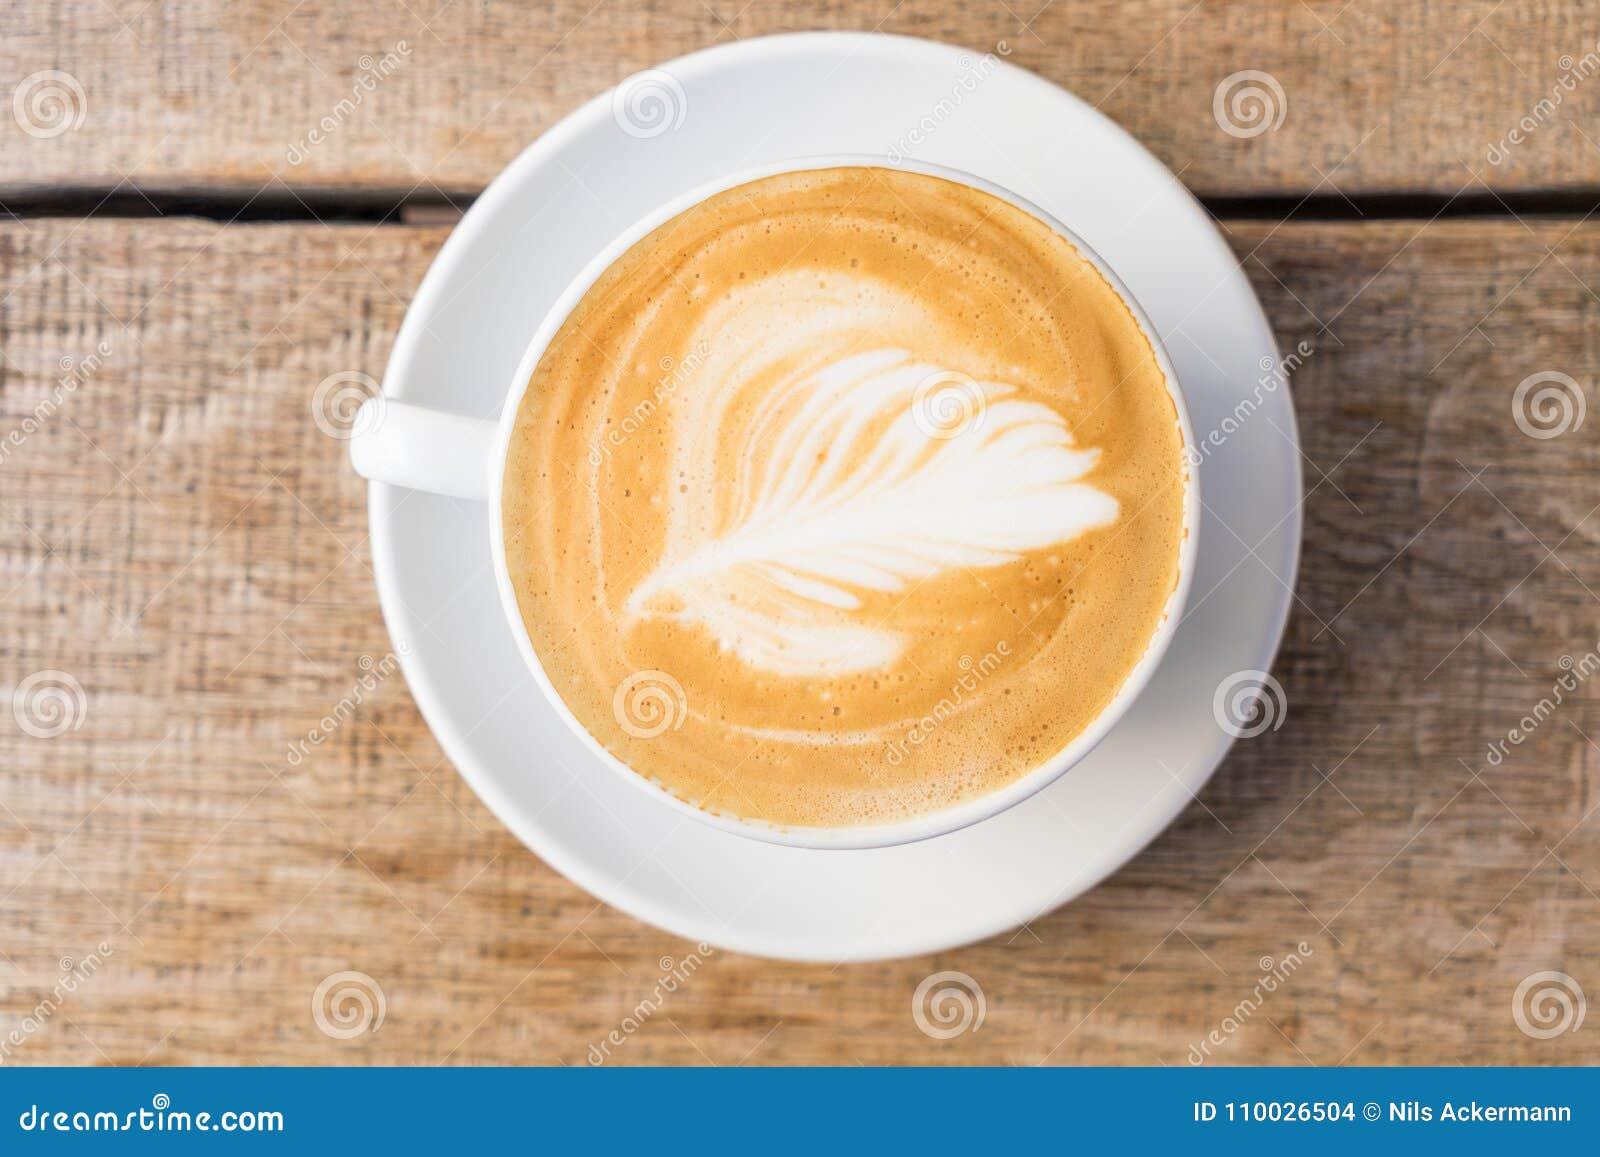 Close-up van een kop van koffie/cappuccino met schuim en baristakunst op houten lijst